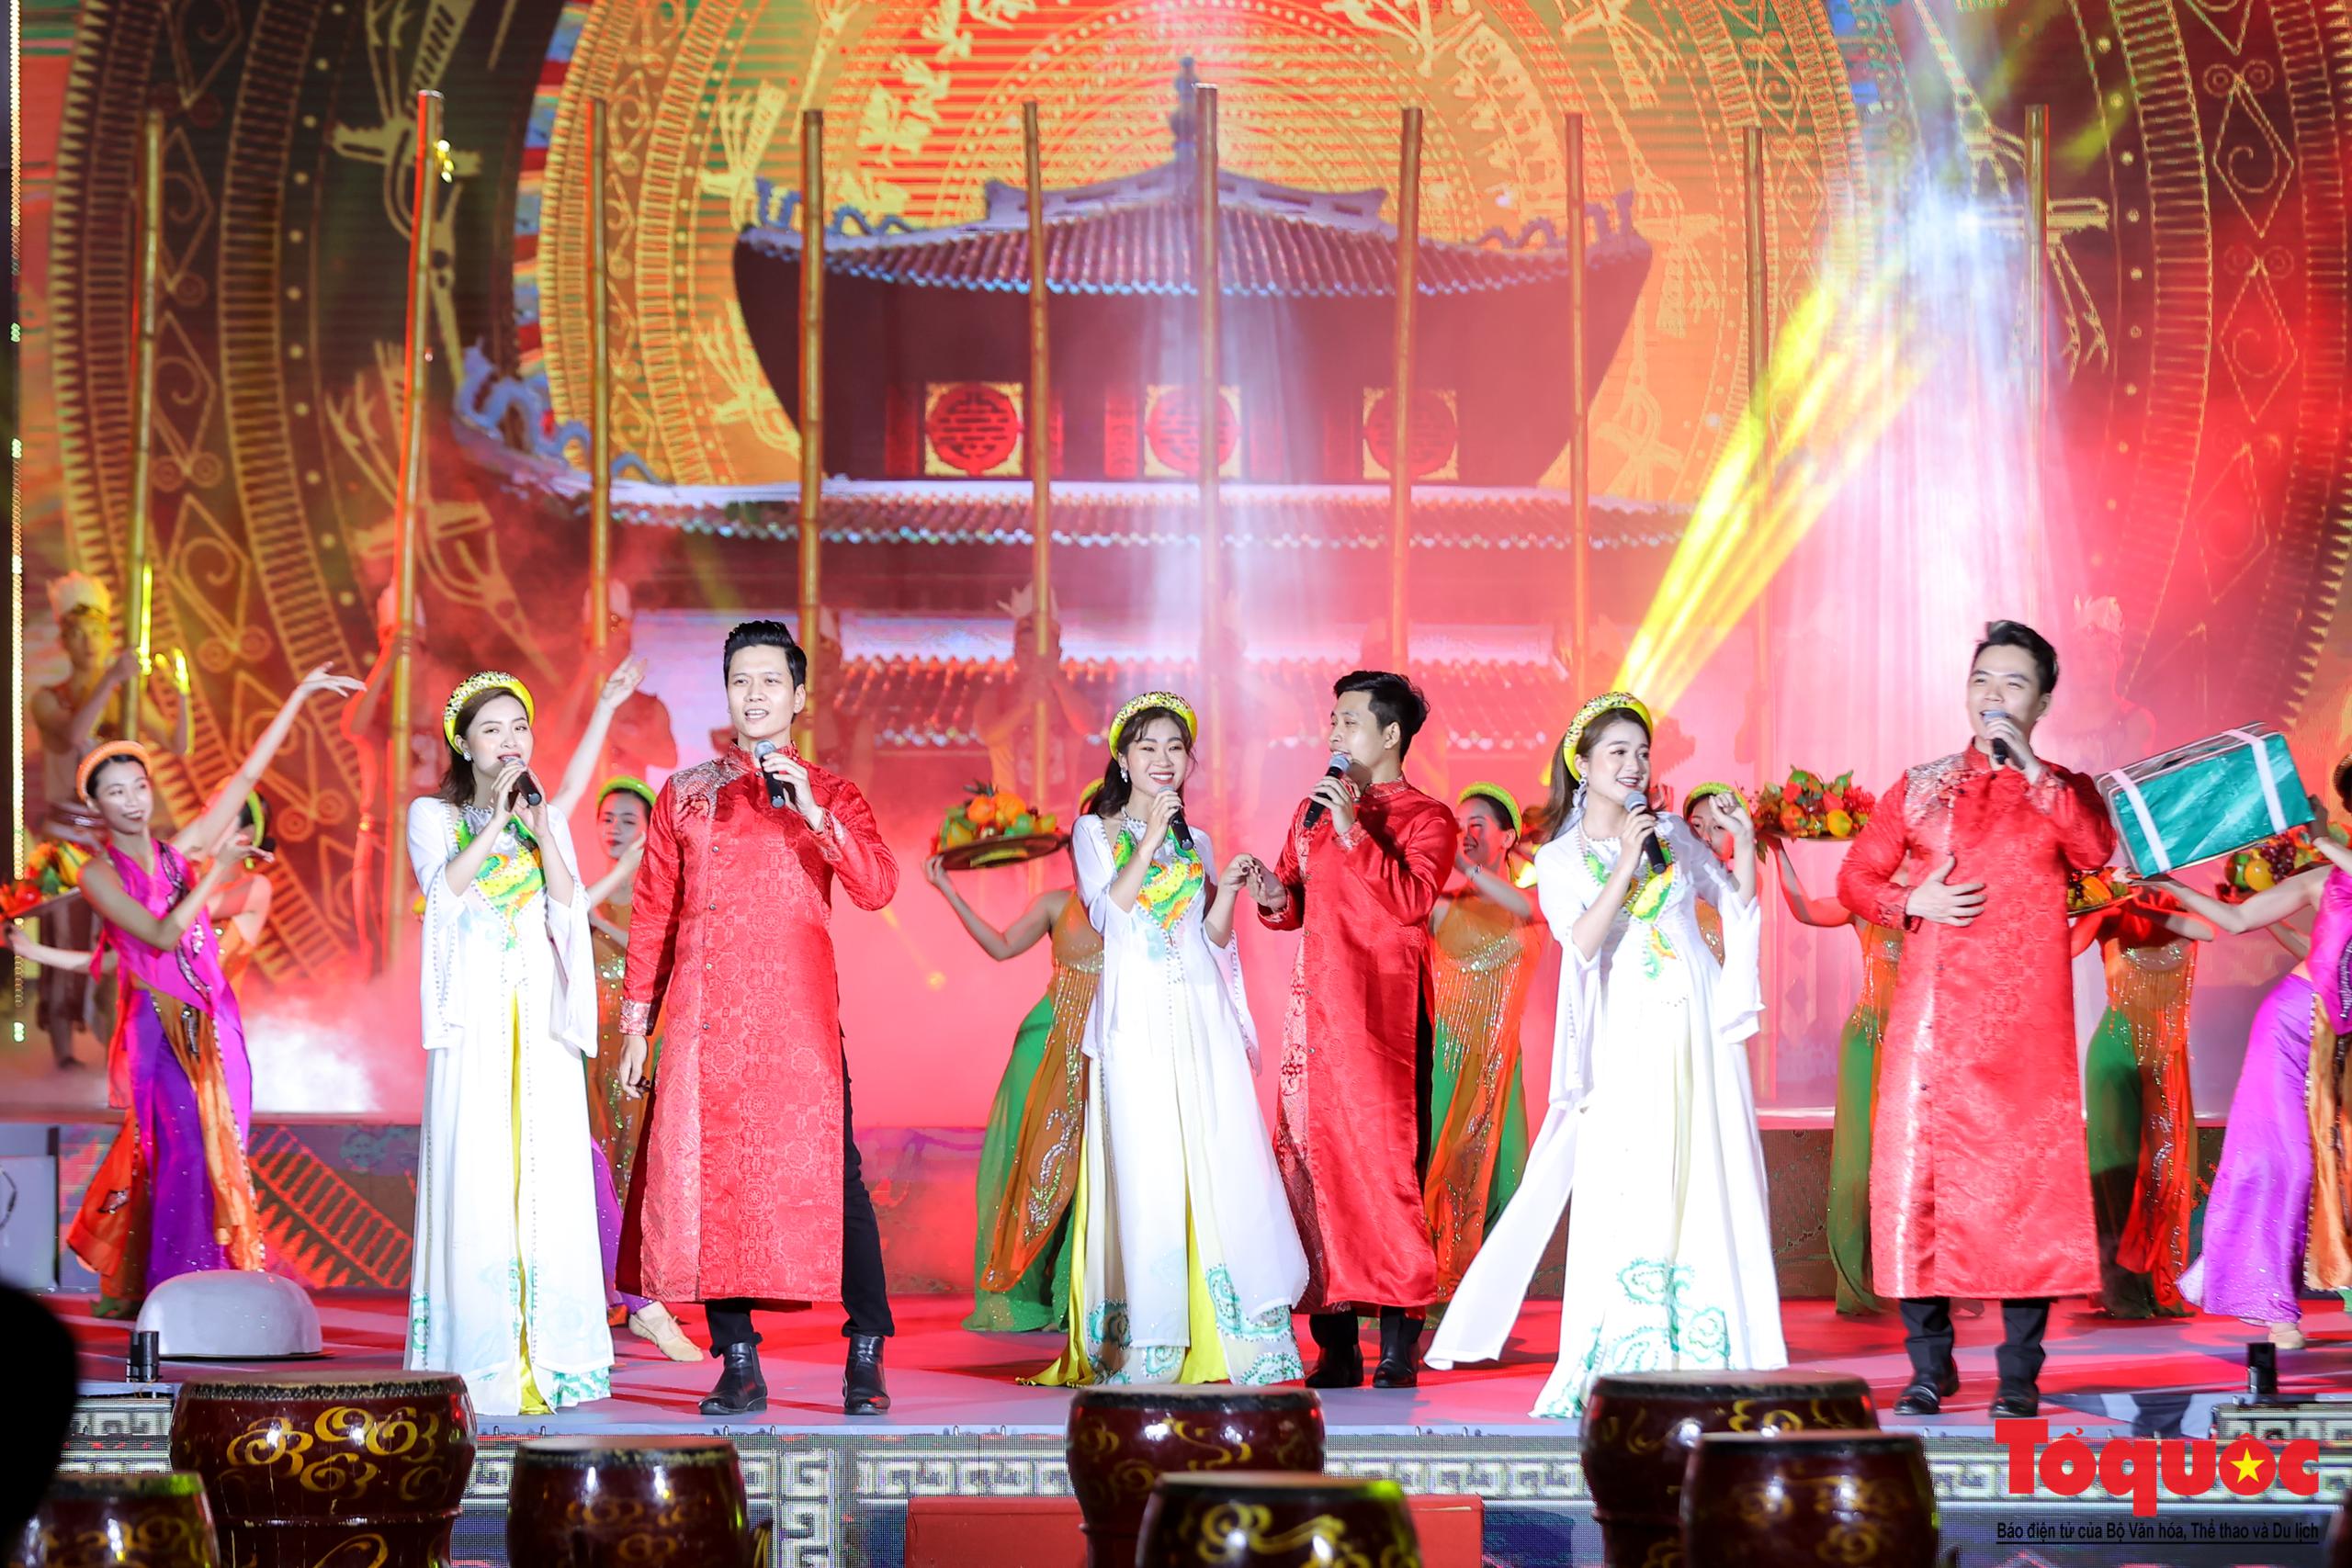 """(Chùm ảnh) Chương trình nghệ thuật đặc sắc """"Văn hoá các dân tộc – Hội tụ và phát triển"""" chào mừng Ngày Văn hoá các dân tộc Việt Nam 2021 - Ảnh 7."""